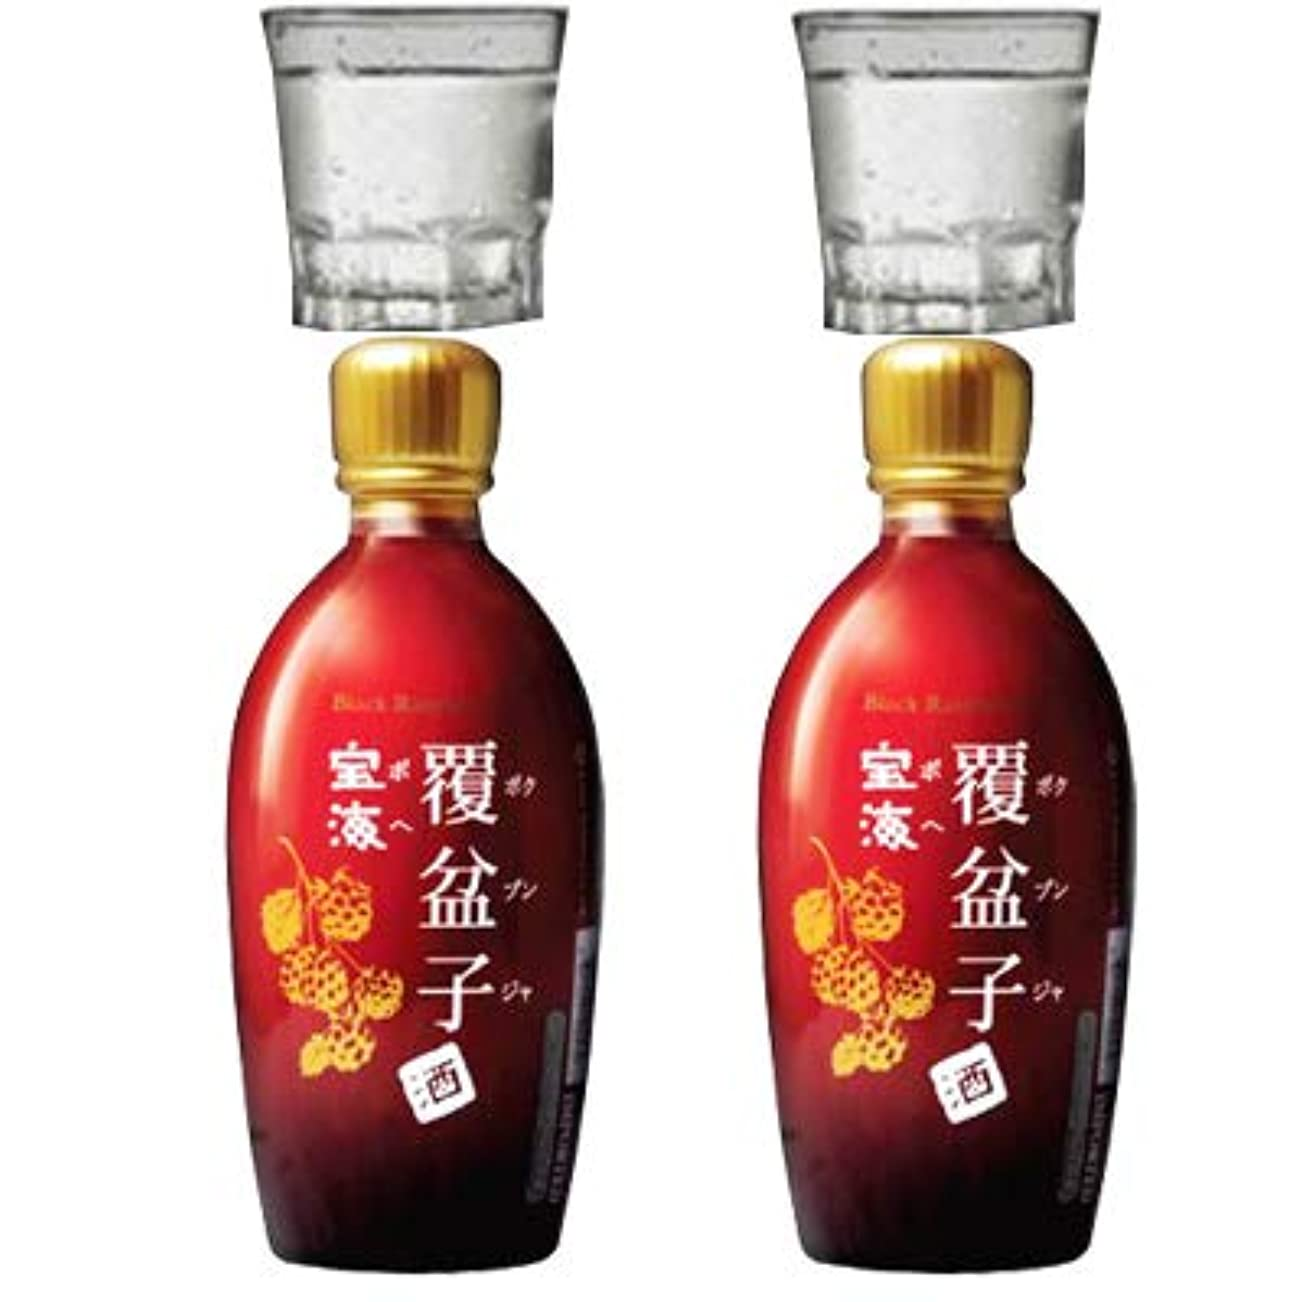 アラバマく付録『宝海』覆盆子(ボクブンザ)瓶 375mlx2本 +焼酎グラスx2個(デザインランダム(選択不可)) 甘くまろやかな味わいの健康酒!アルコール 14度